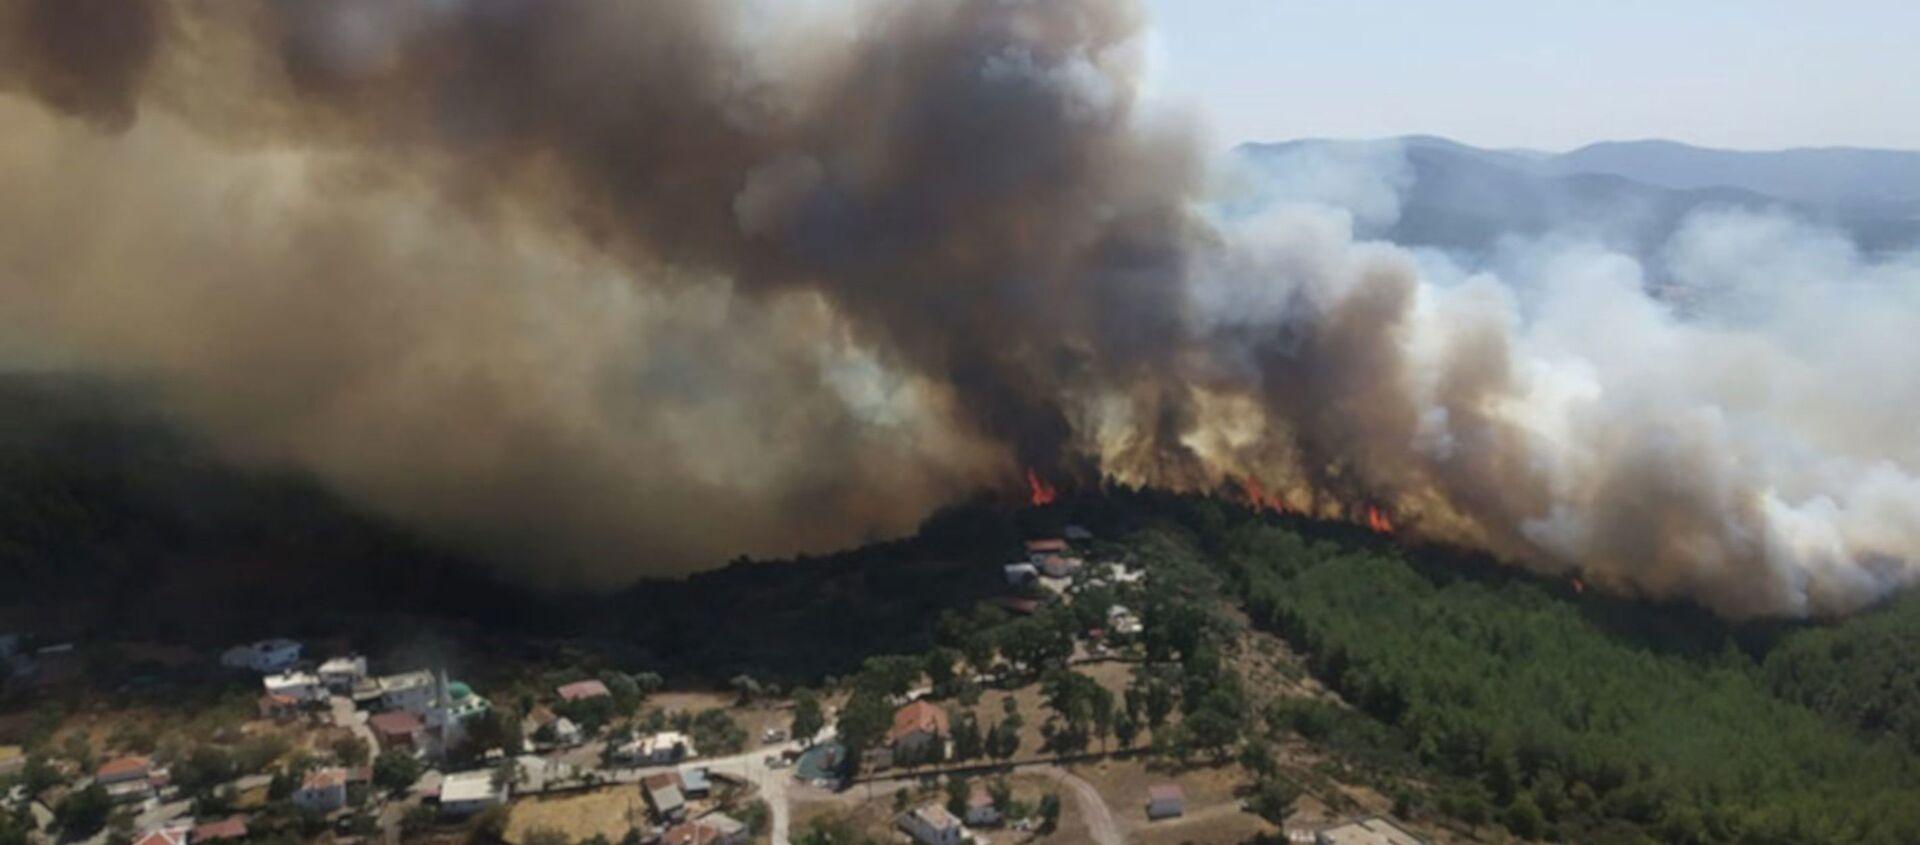 Bodrum ve Milas'ta orman yangını; alevler köylere ulaştı, evlerini terk ettiler - Sputnik Türkiye, 1920, 09.08.2021